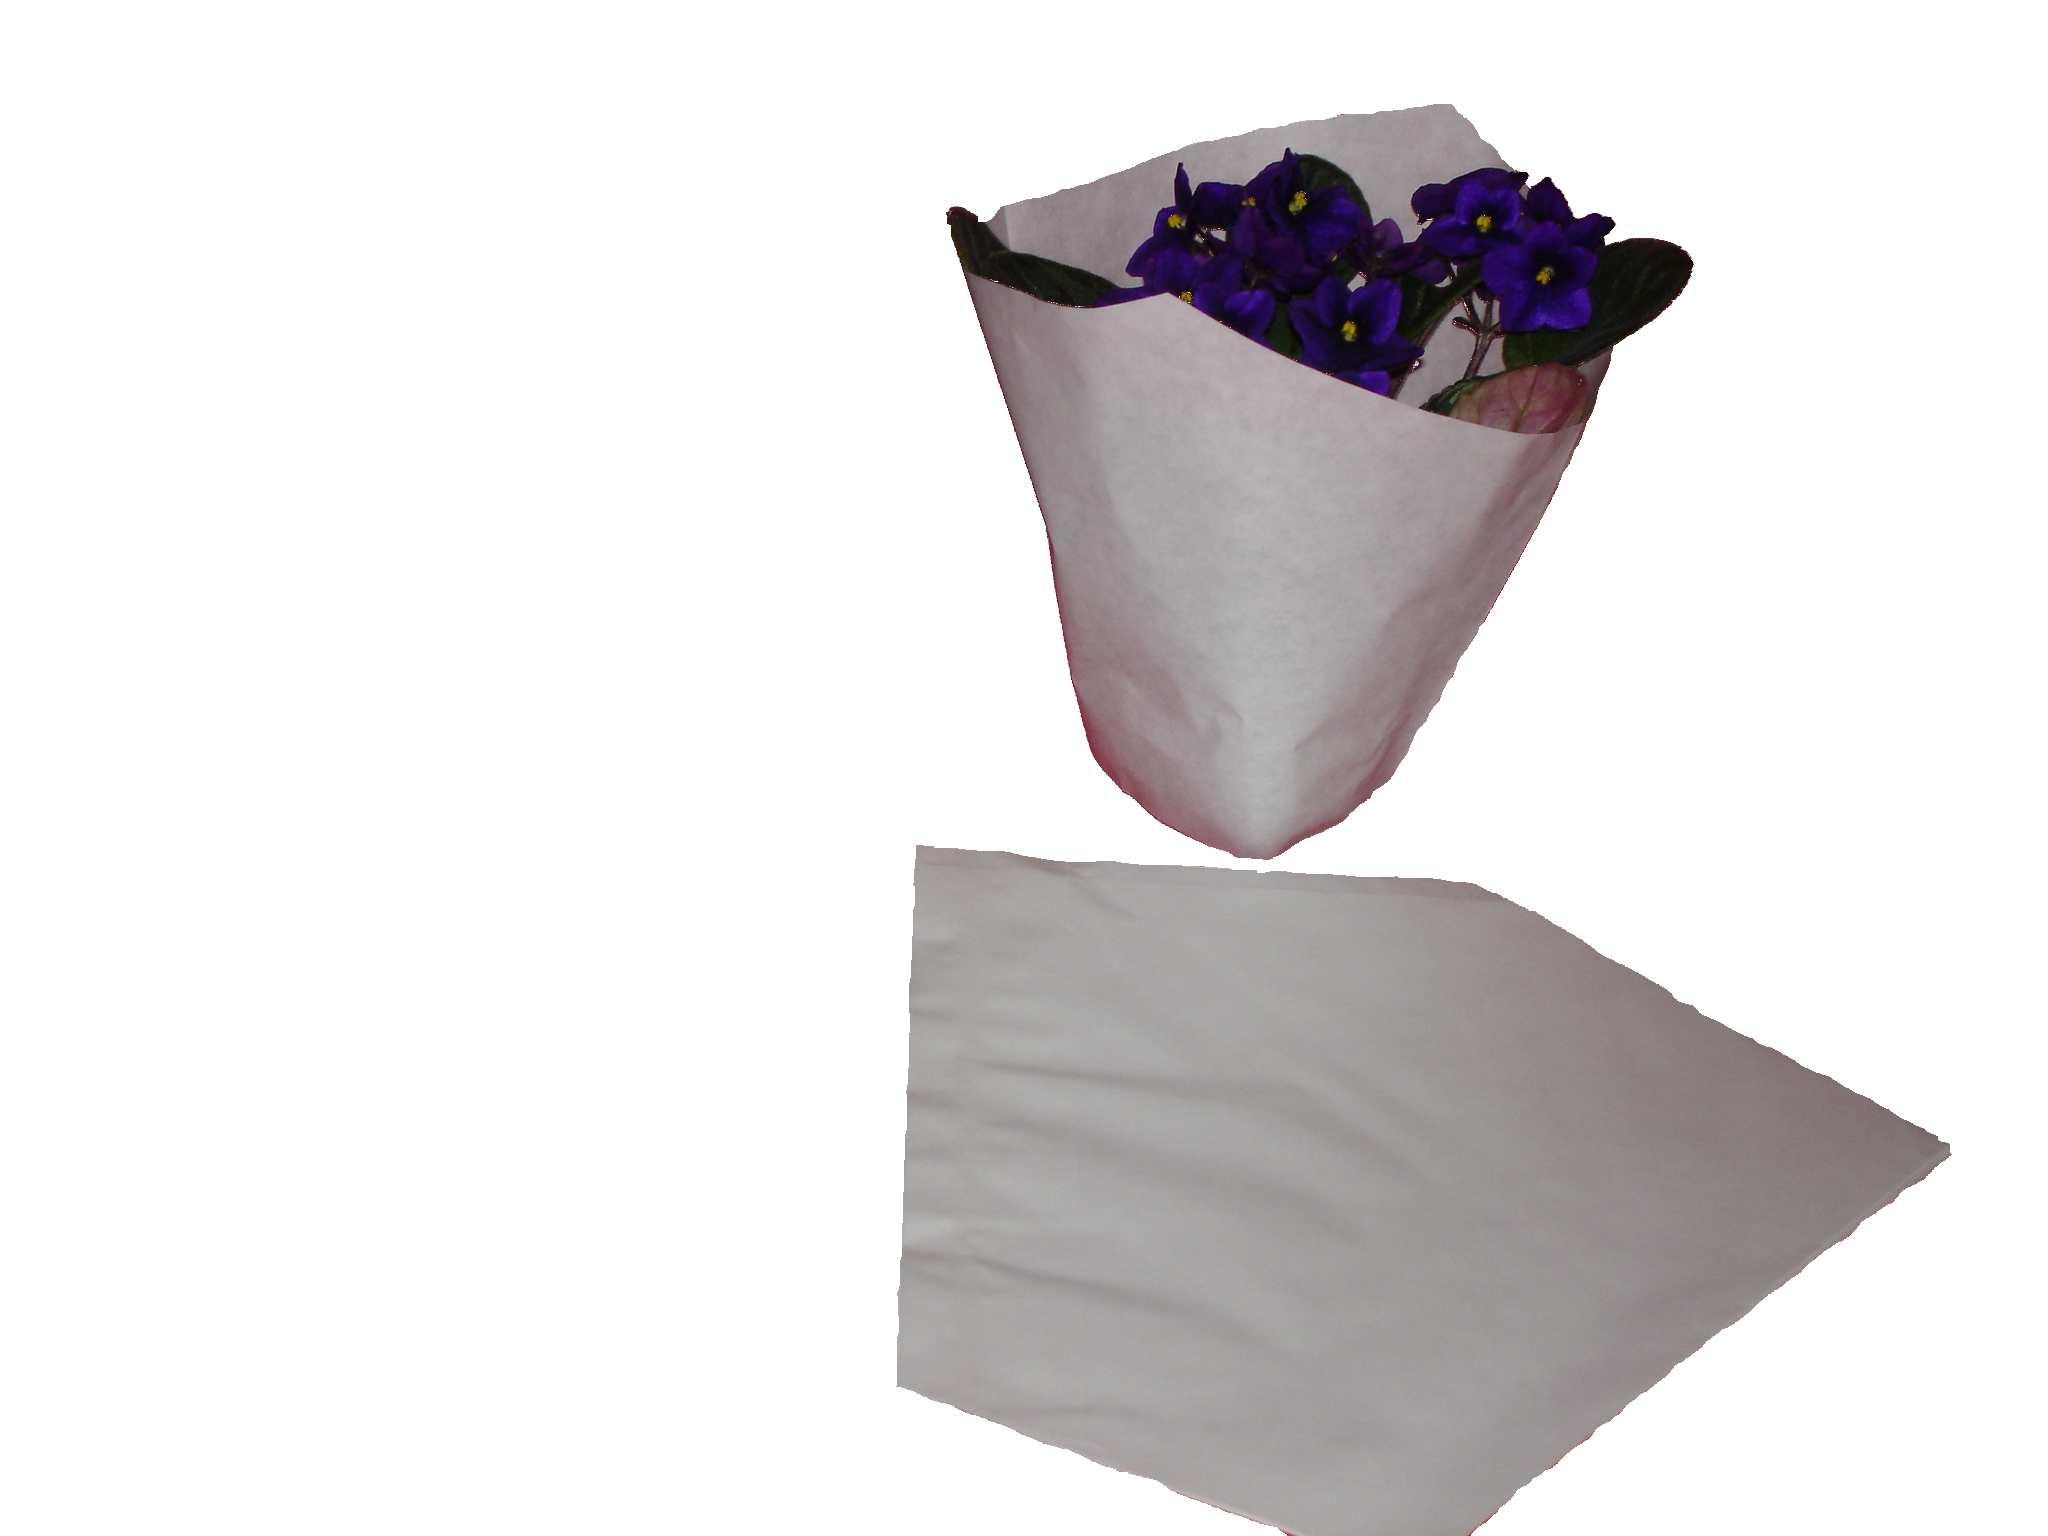 Papiertrichter, Aus Gebleicht Kraftpapier 60 Gr. Weiß Ohne Druck, Lose